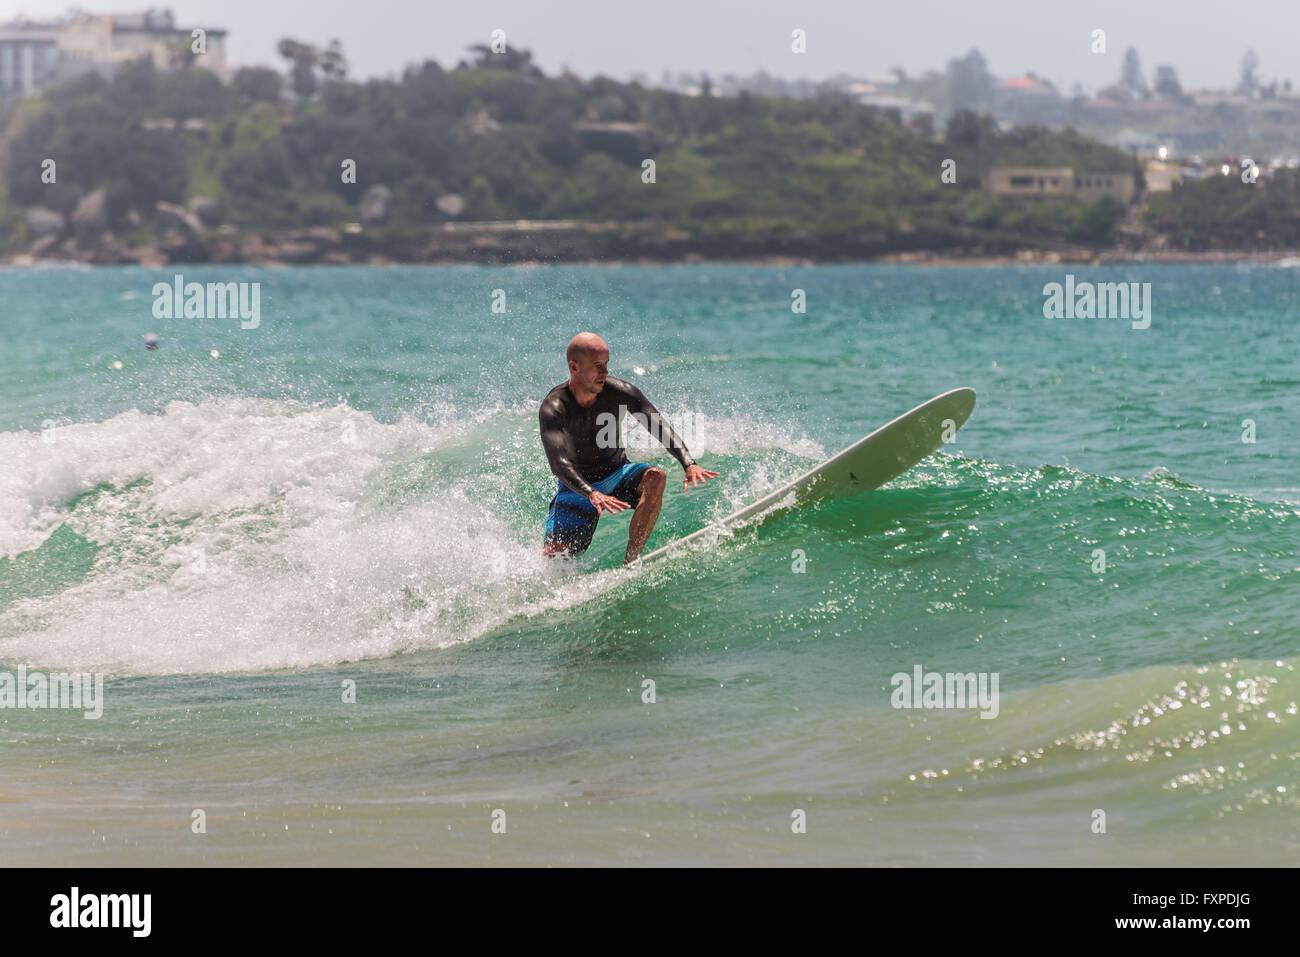 L'uomo surf un ondata di Manly Beach, cerca di mantenere l'equilibrio. A sette miglia dal centro di Sydney, Immagini Stock